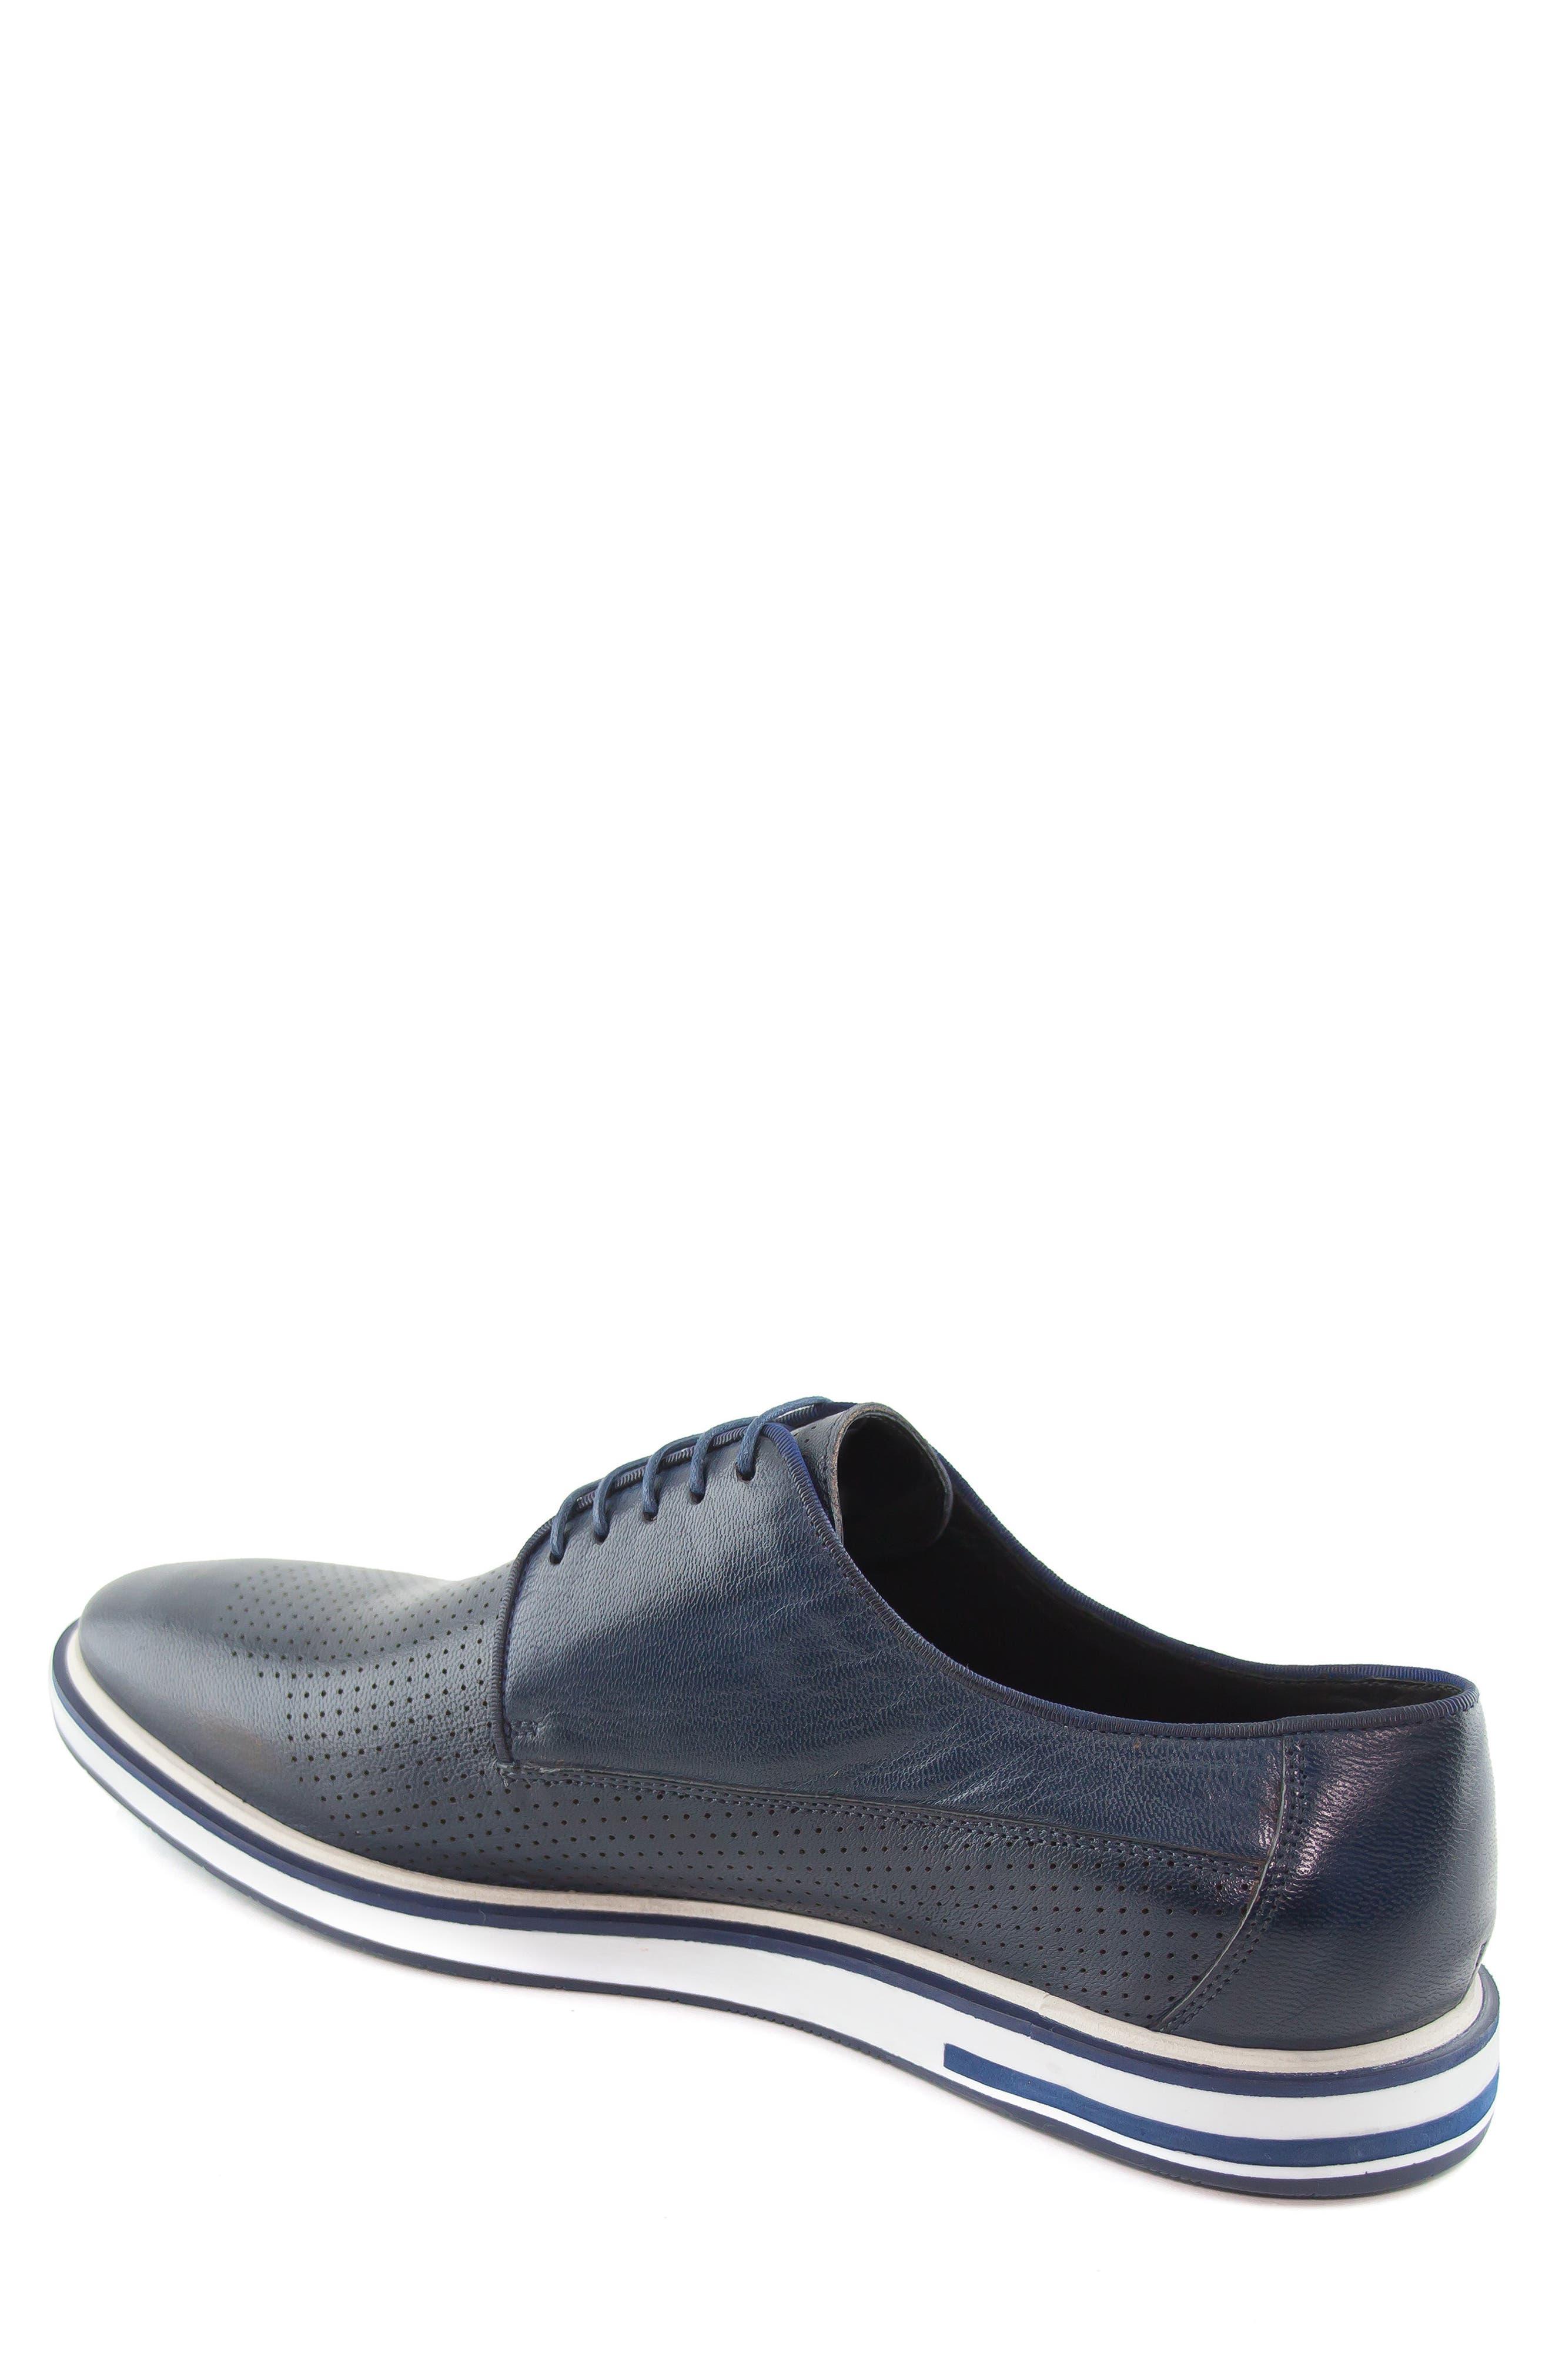 Manhattan Sneaker,                             Alternate thumbnail 2, color,                             Navy